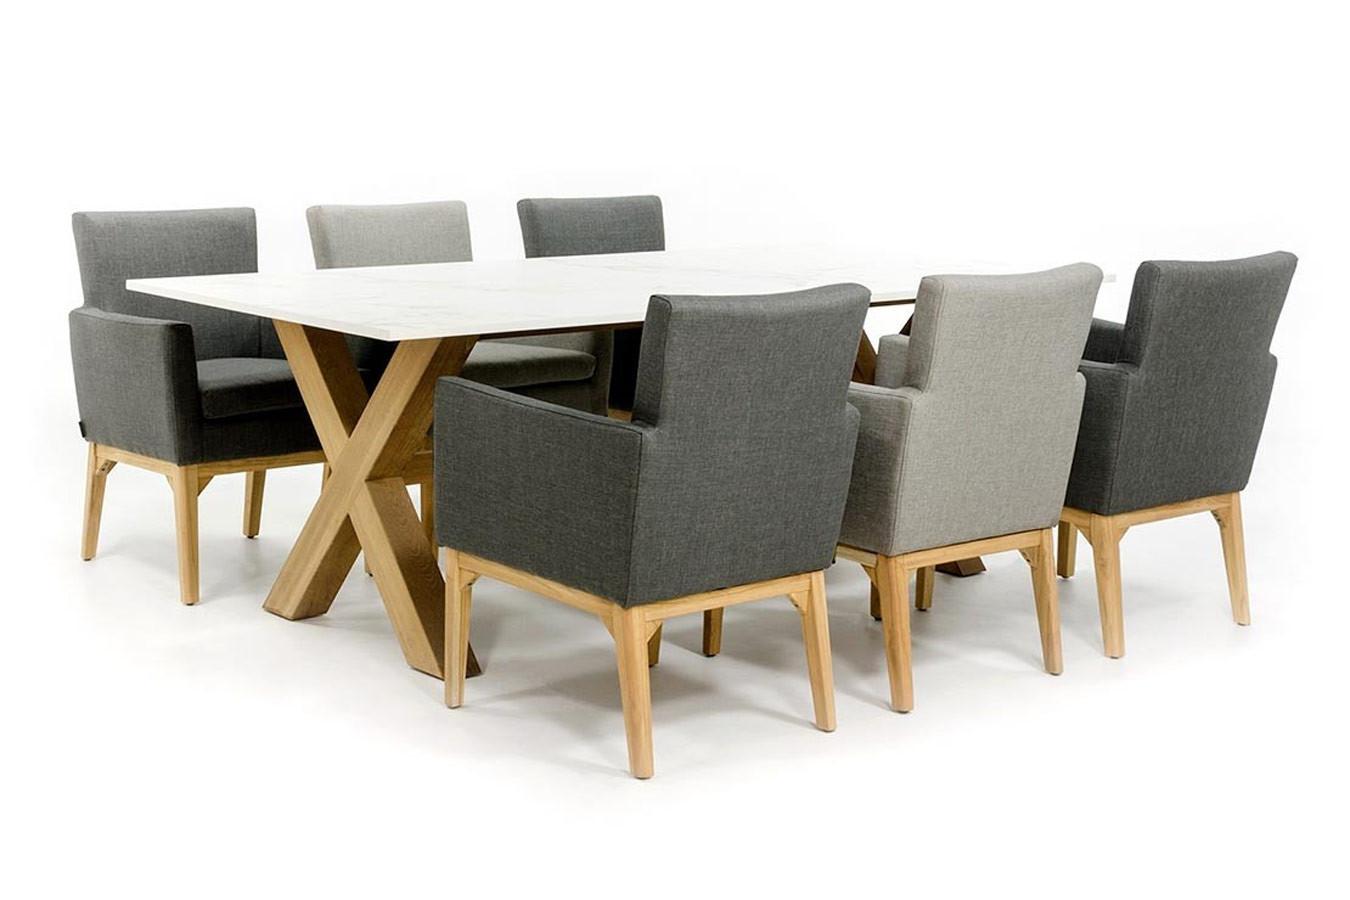 Dekton tafel met Teak onderstel en stoelen